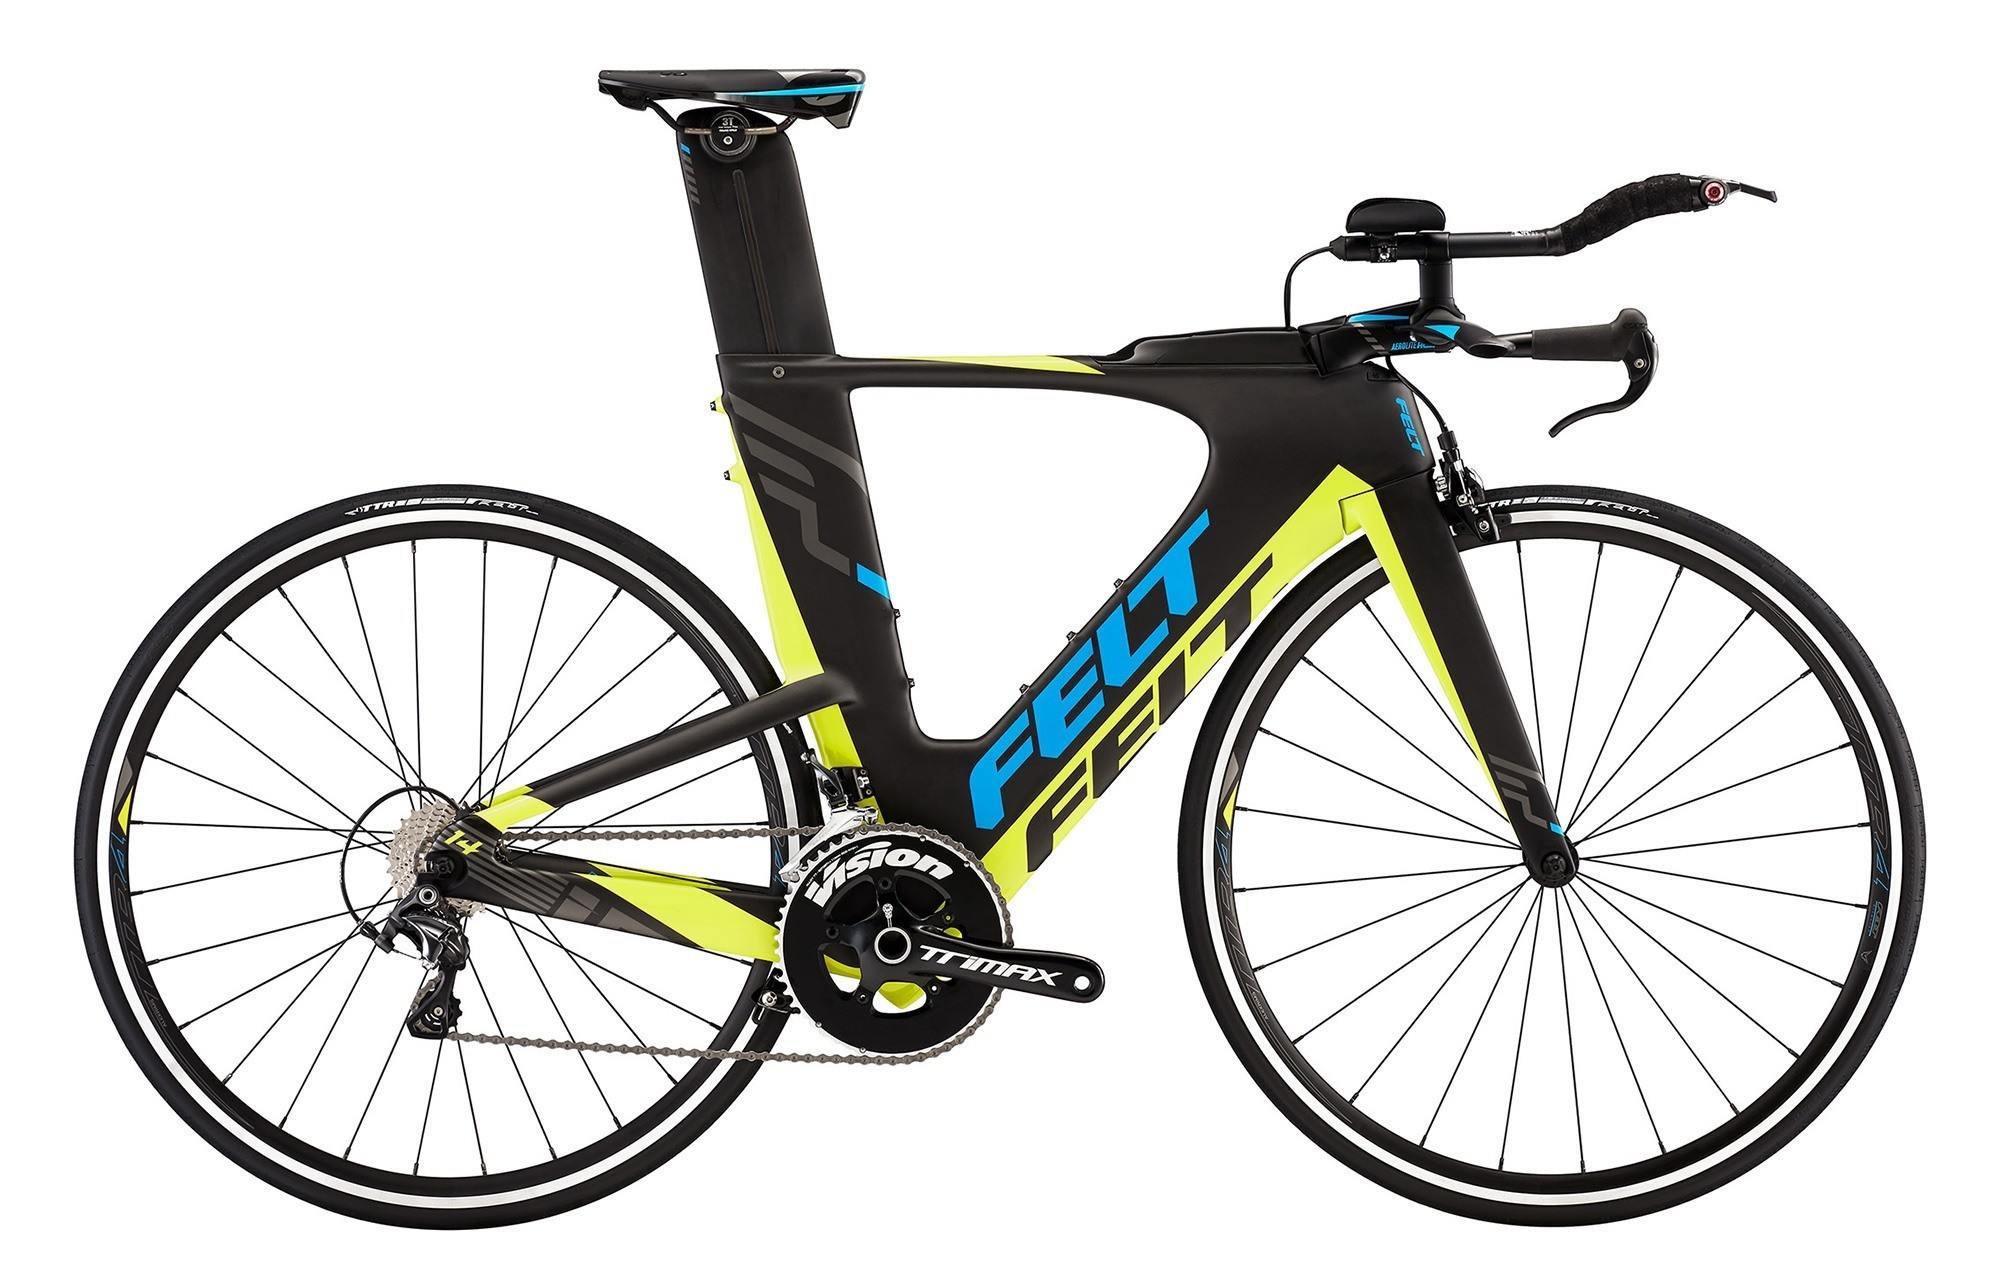 2017 Felt IA 14 Bike | R&A Cycles